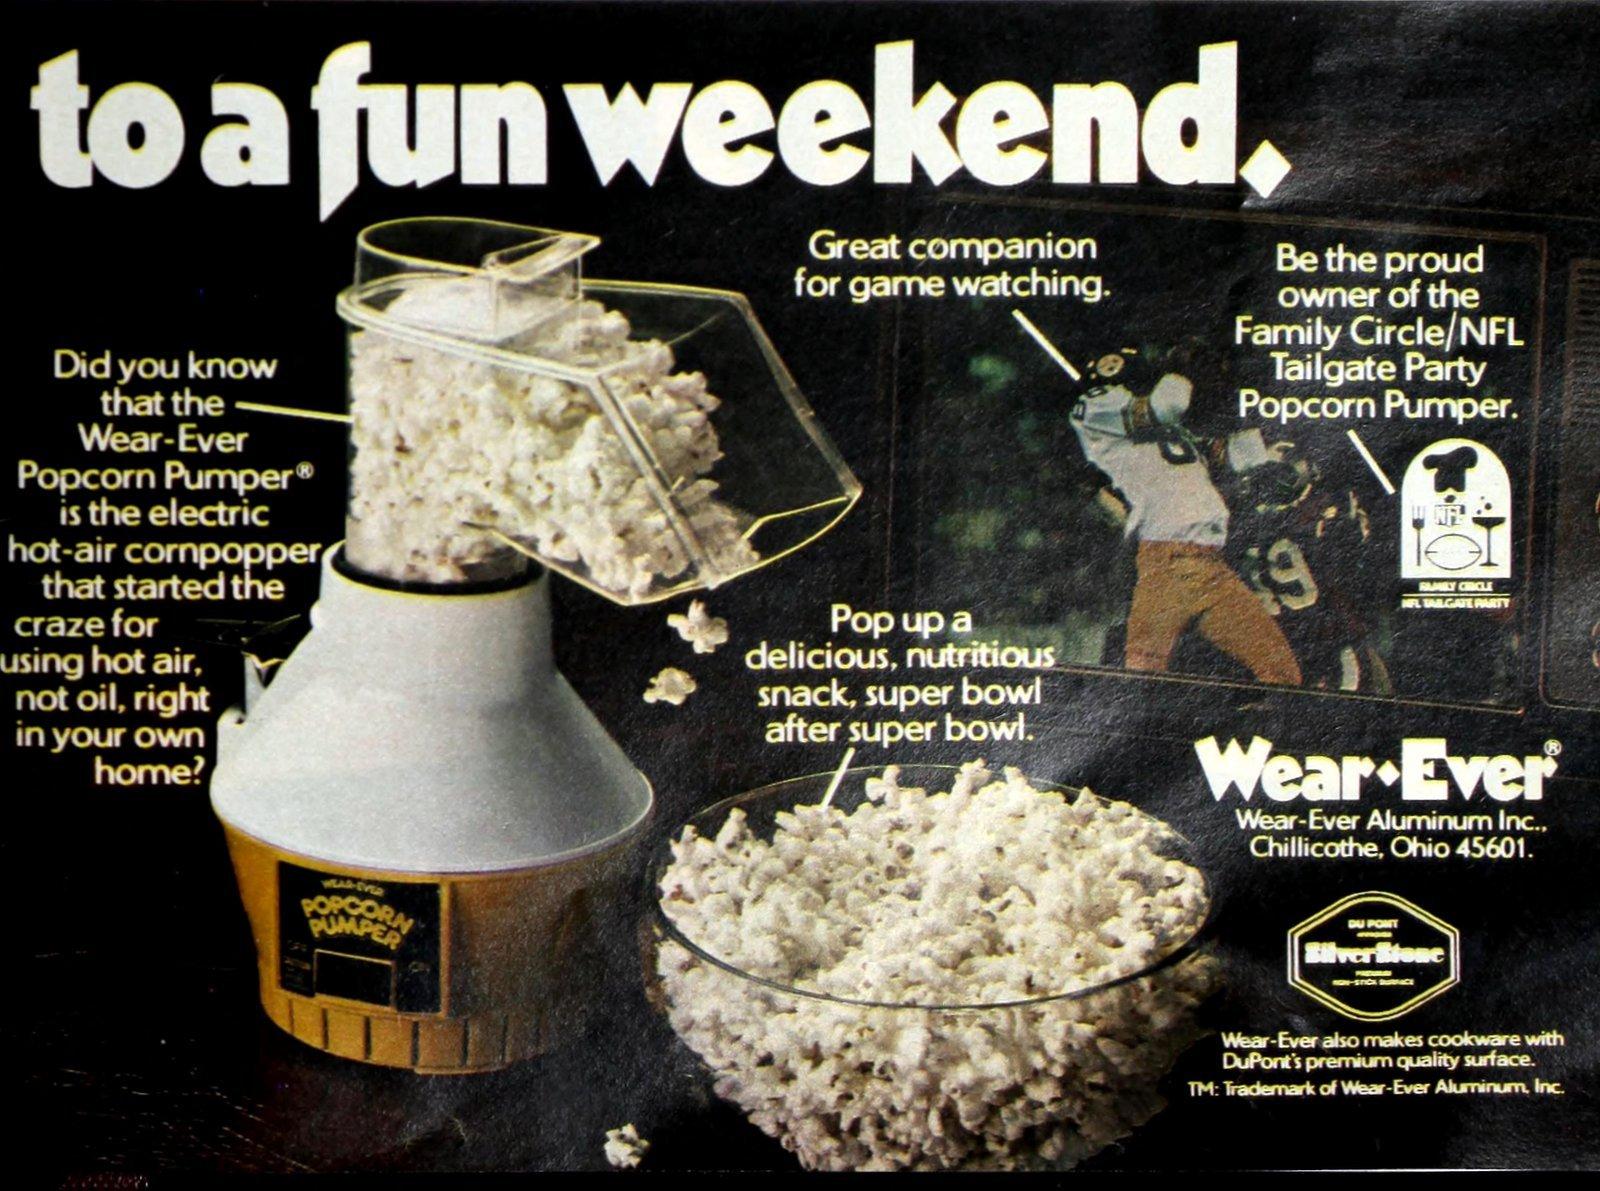 Wear-Ever -- Popcorn Pumper popcorn machine (1979)